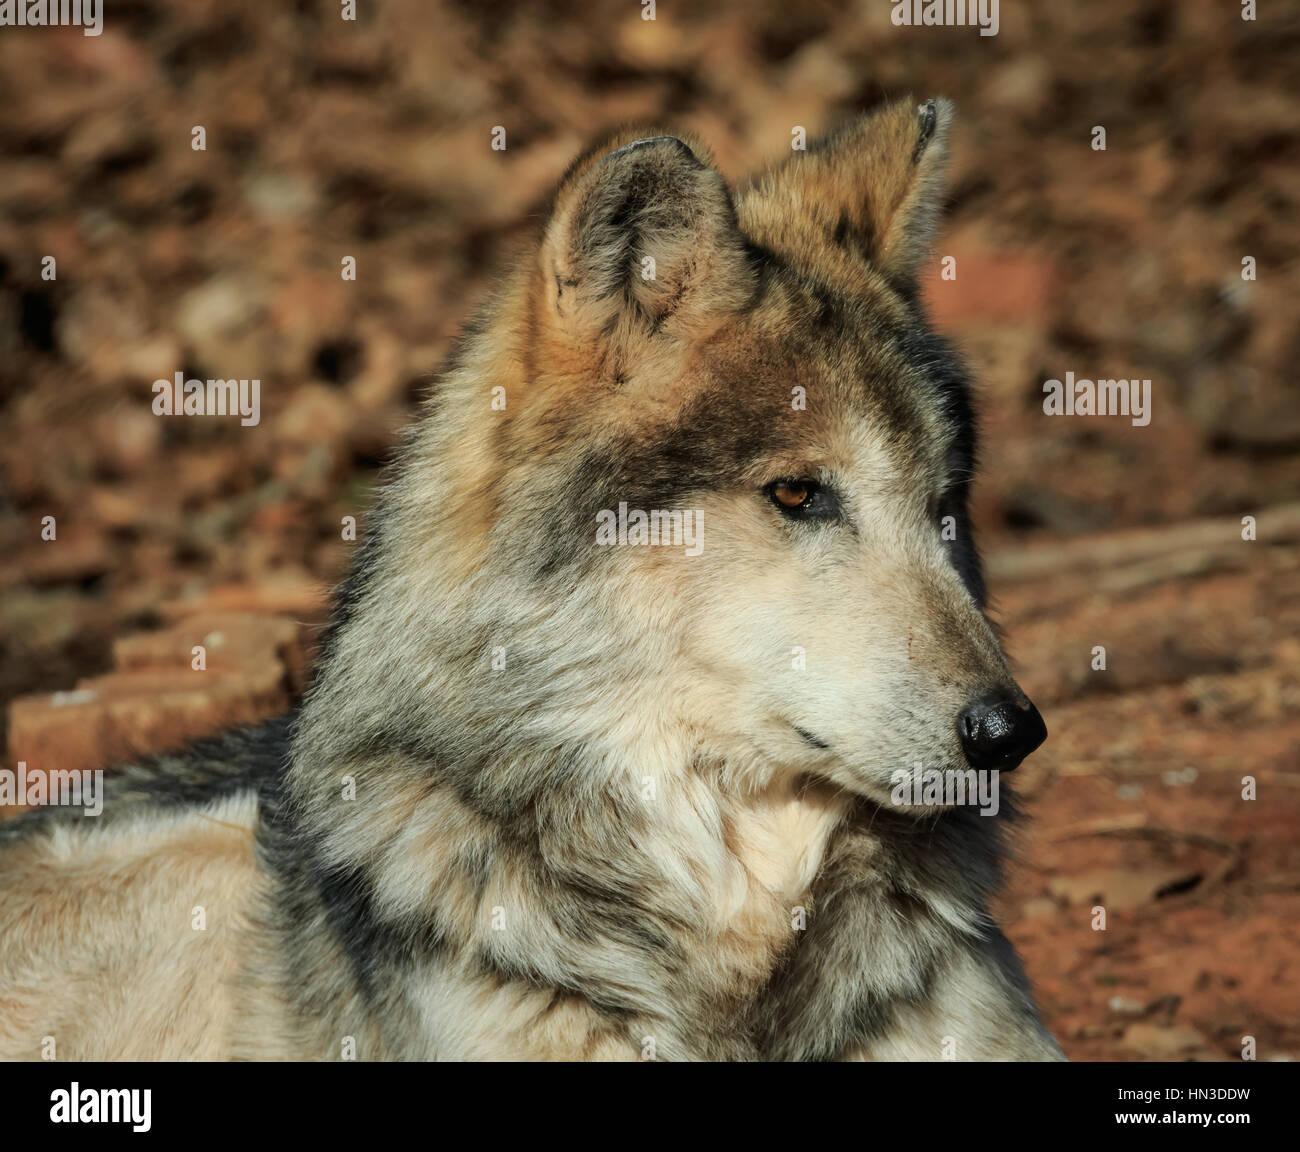 Un lobo gris mexicano desde el zoológico de la ciudad de Oklahoma. Imagen De Stock